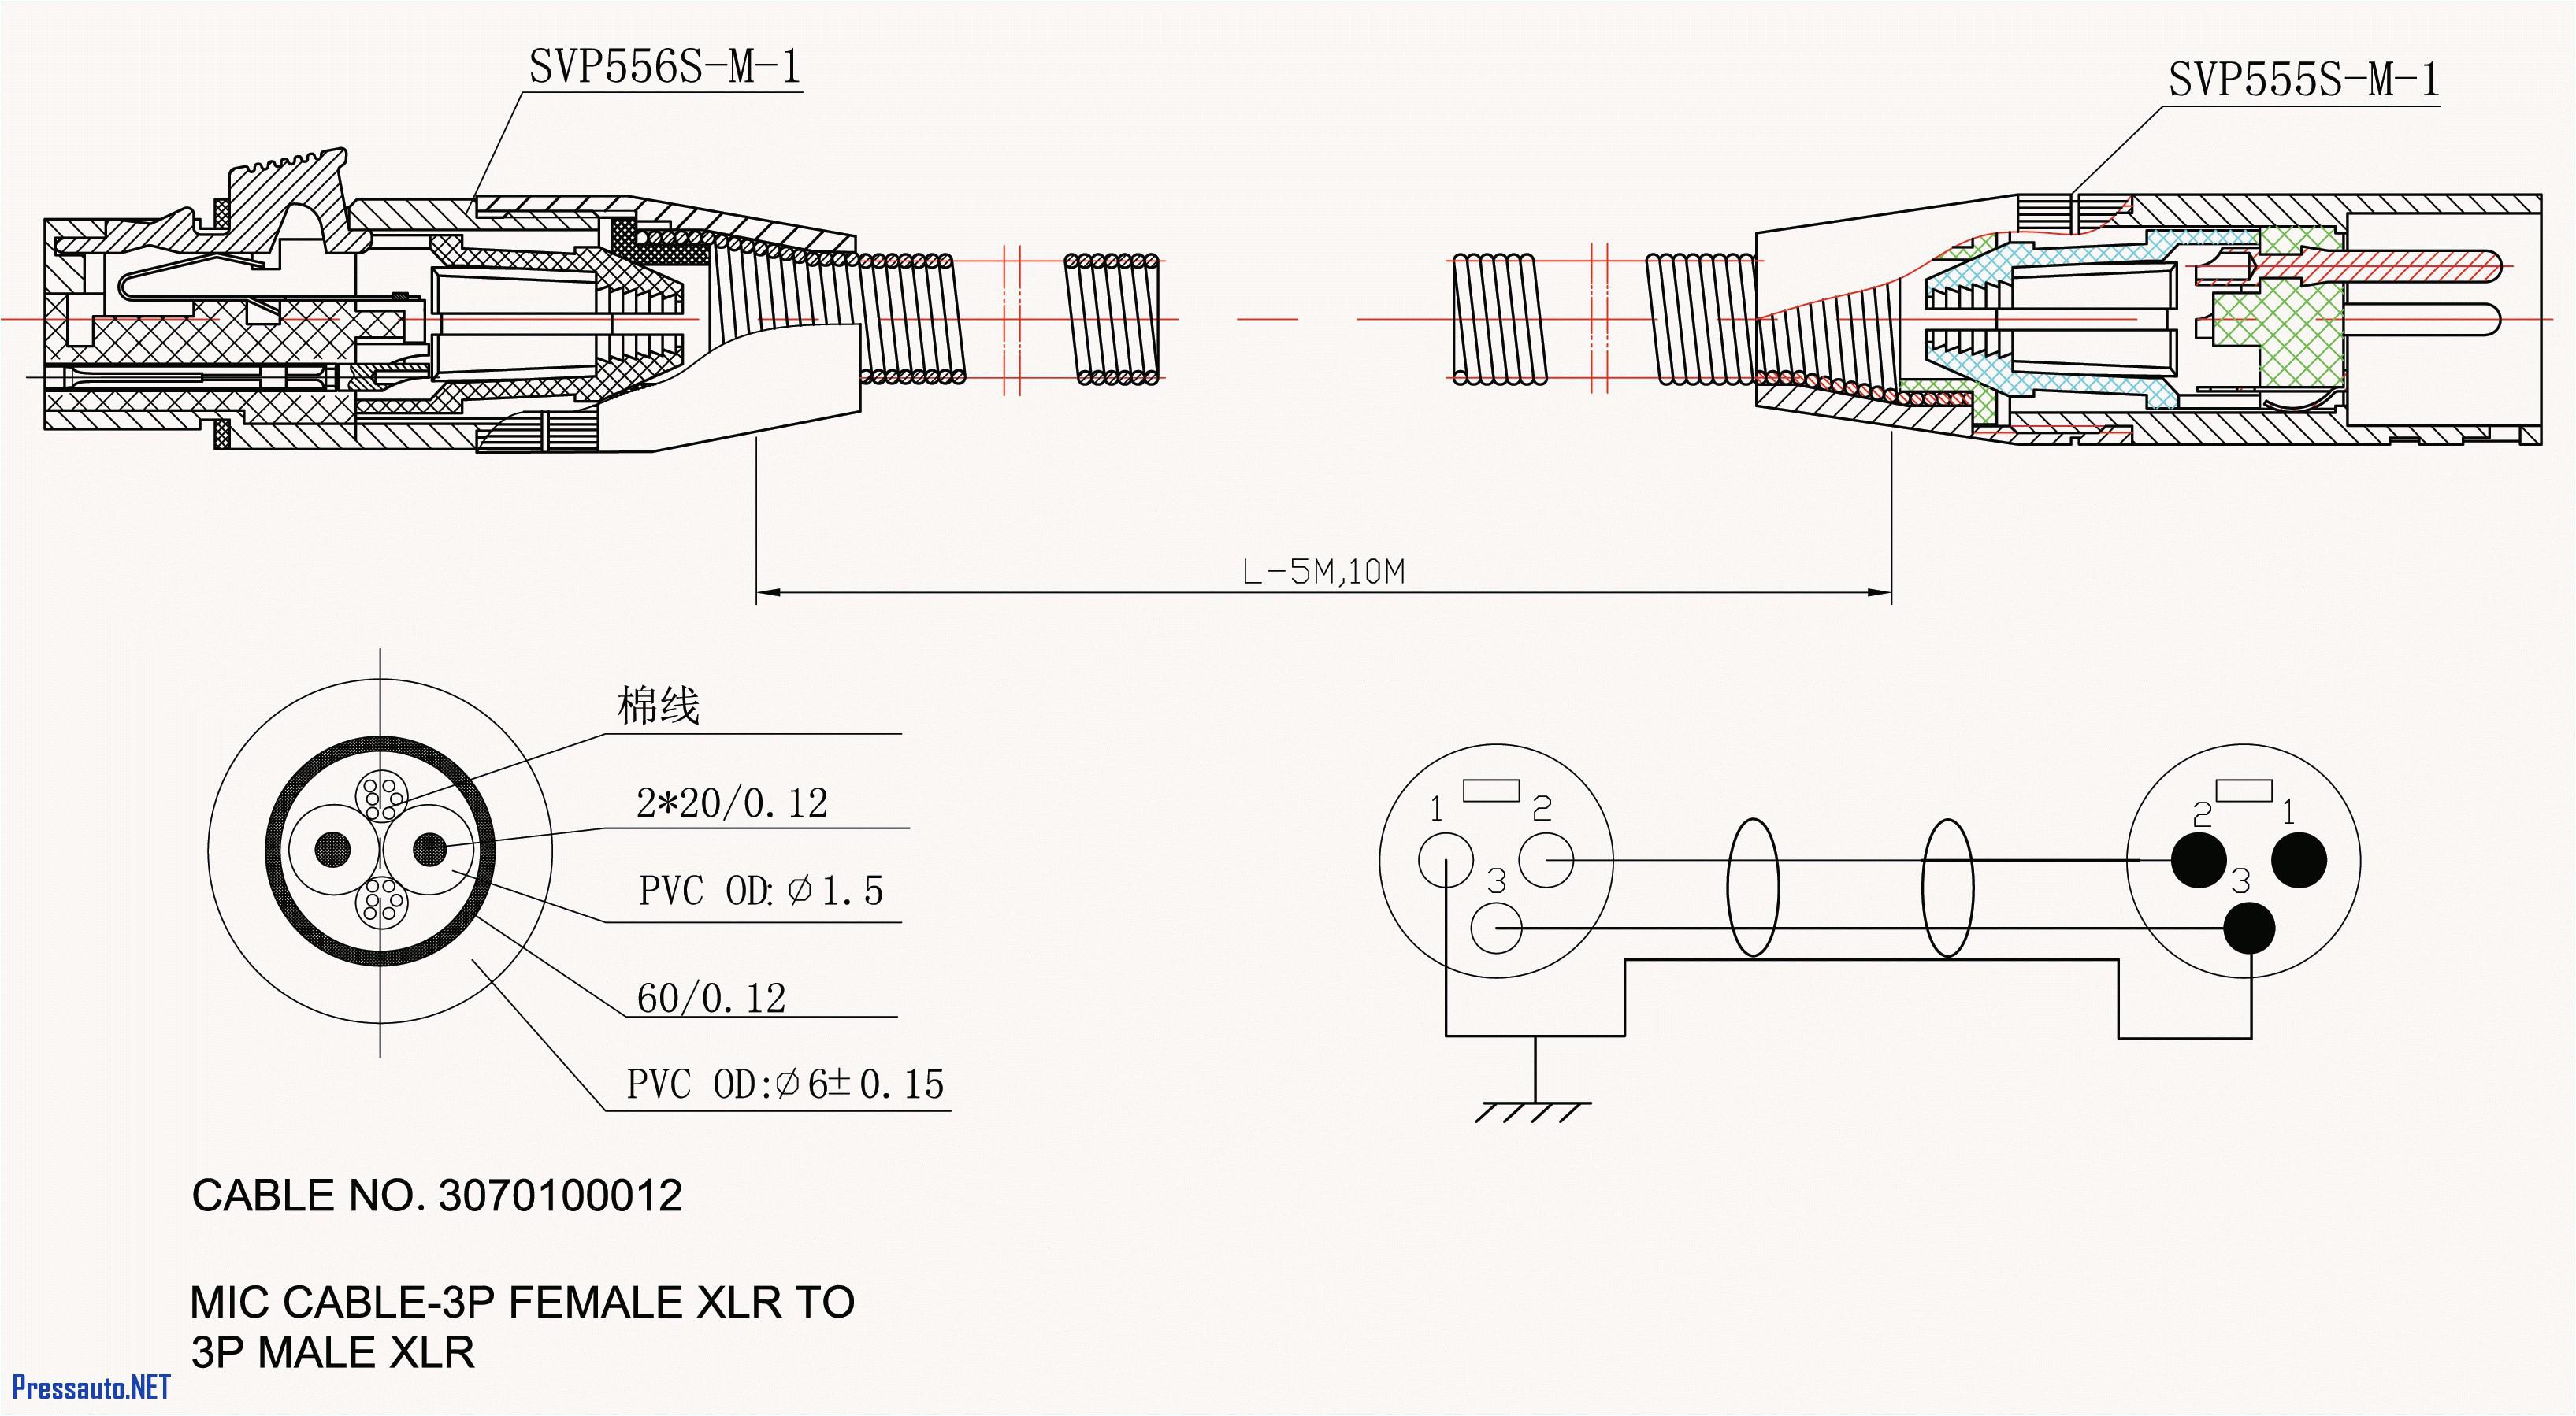 pontiac 3itp3 grand 2003 pontiac grand am engine diagram 2001 3 4l gm alternator wiring